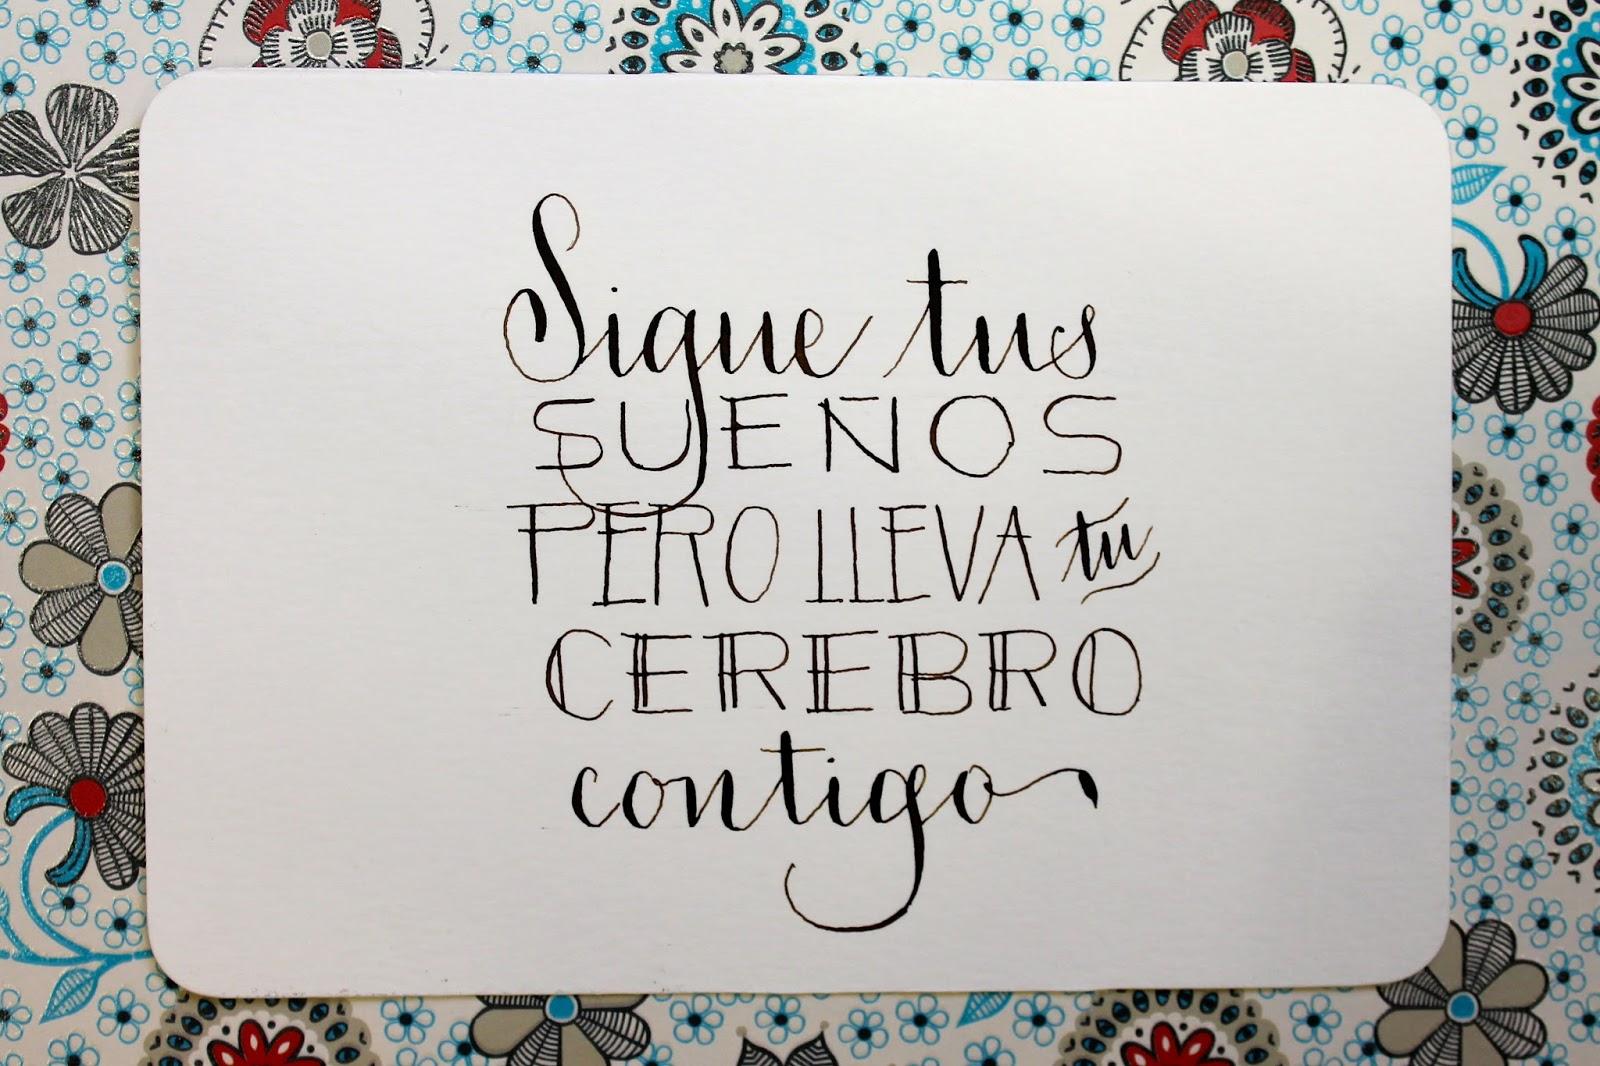 Mi Papel Preferido: 6 formas de aprender caligrafía y lettering